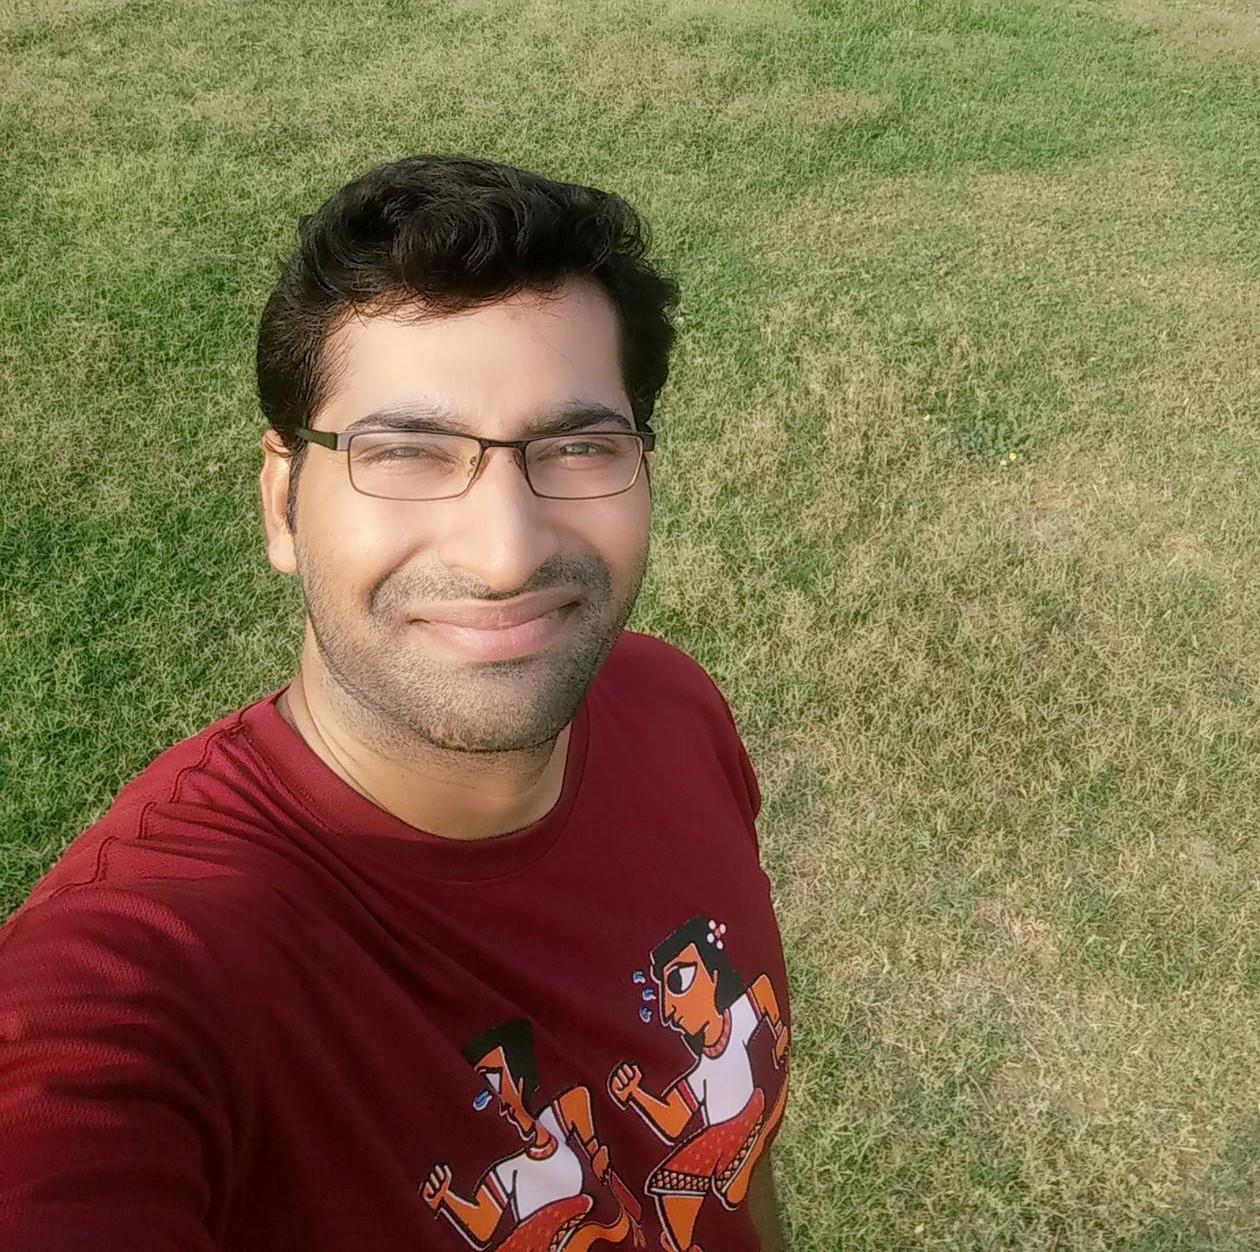 Sai raghuram Mynampati